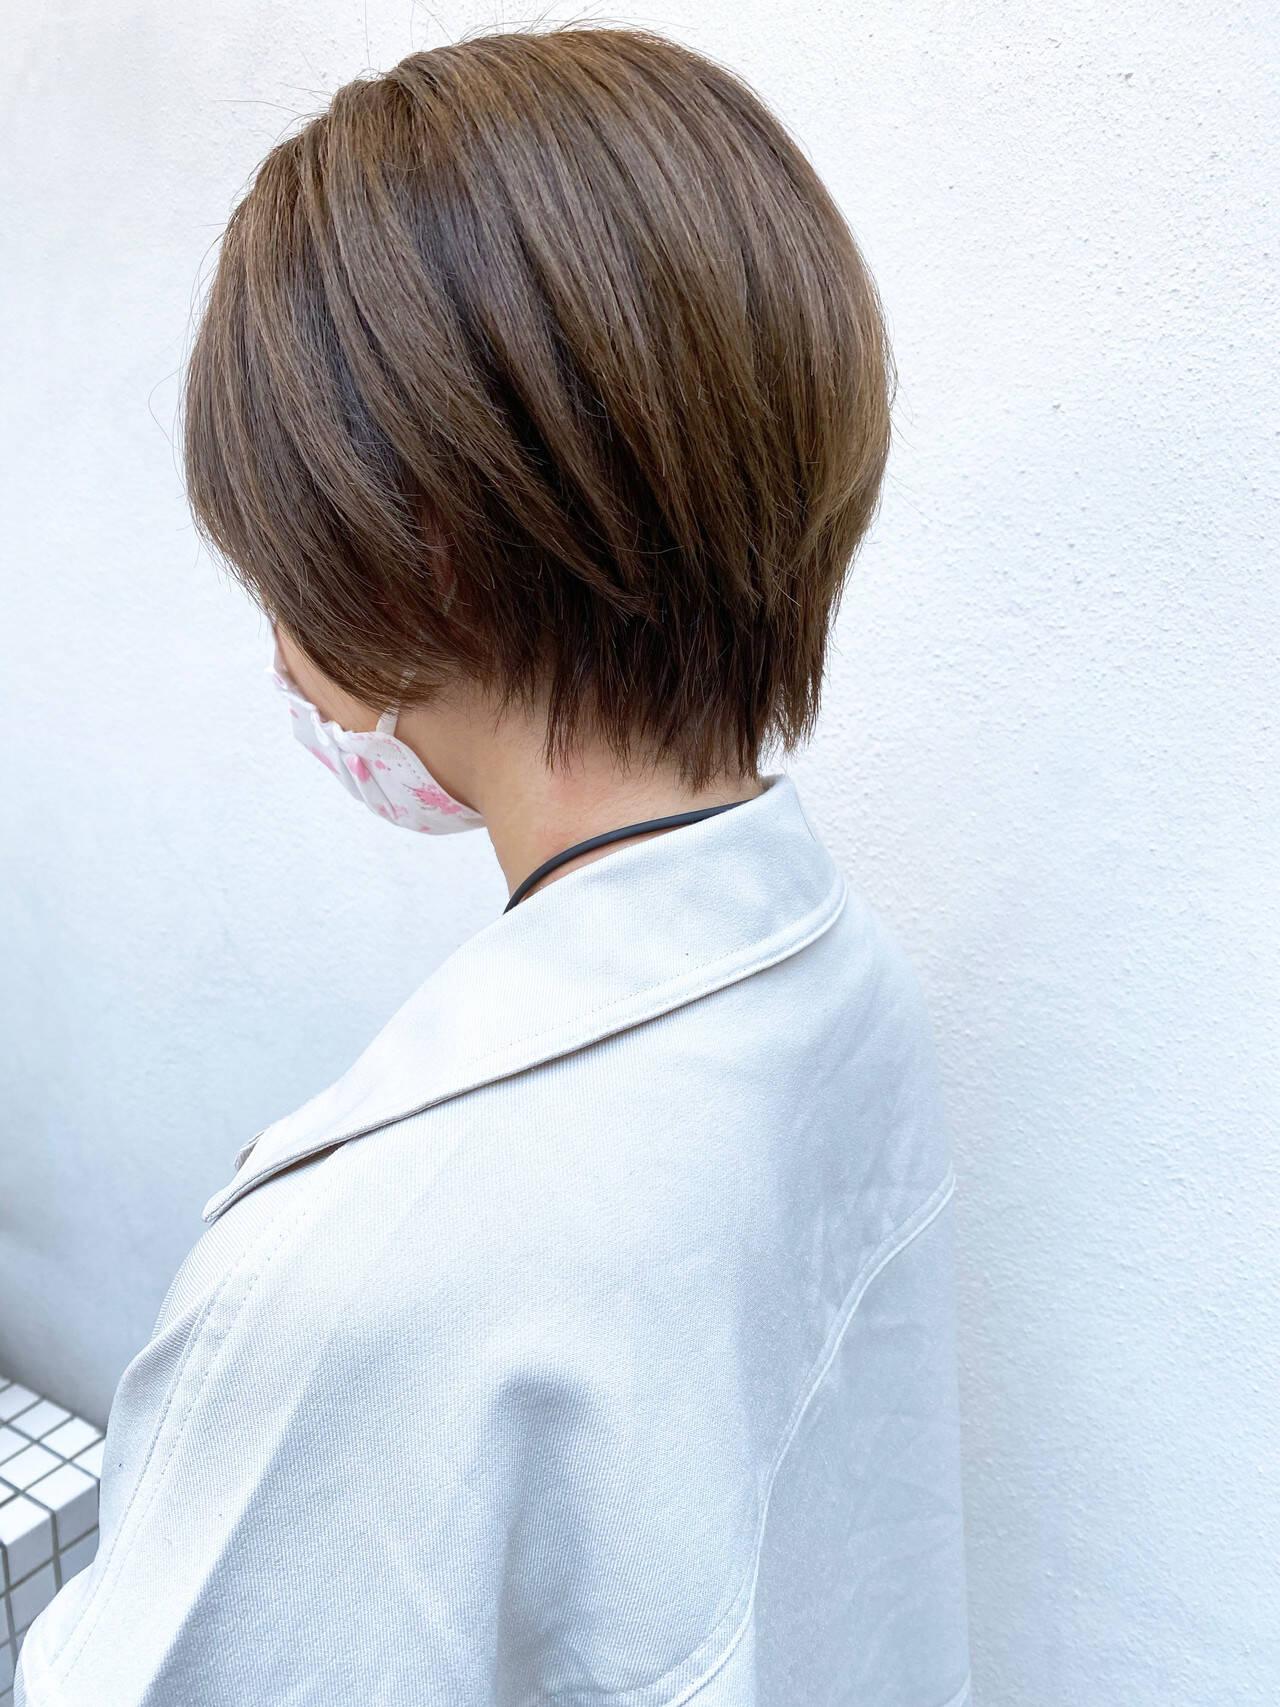 ベリーショート ナチュラル ショートボブ ミニボブヘアスタイルや髪型の写真・画像